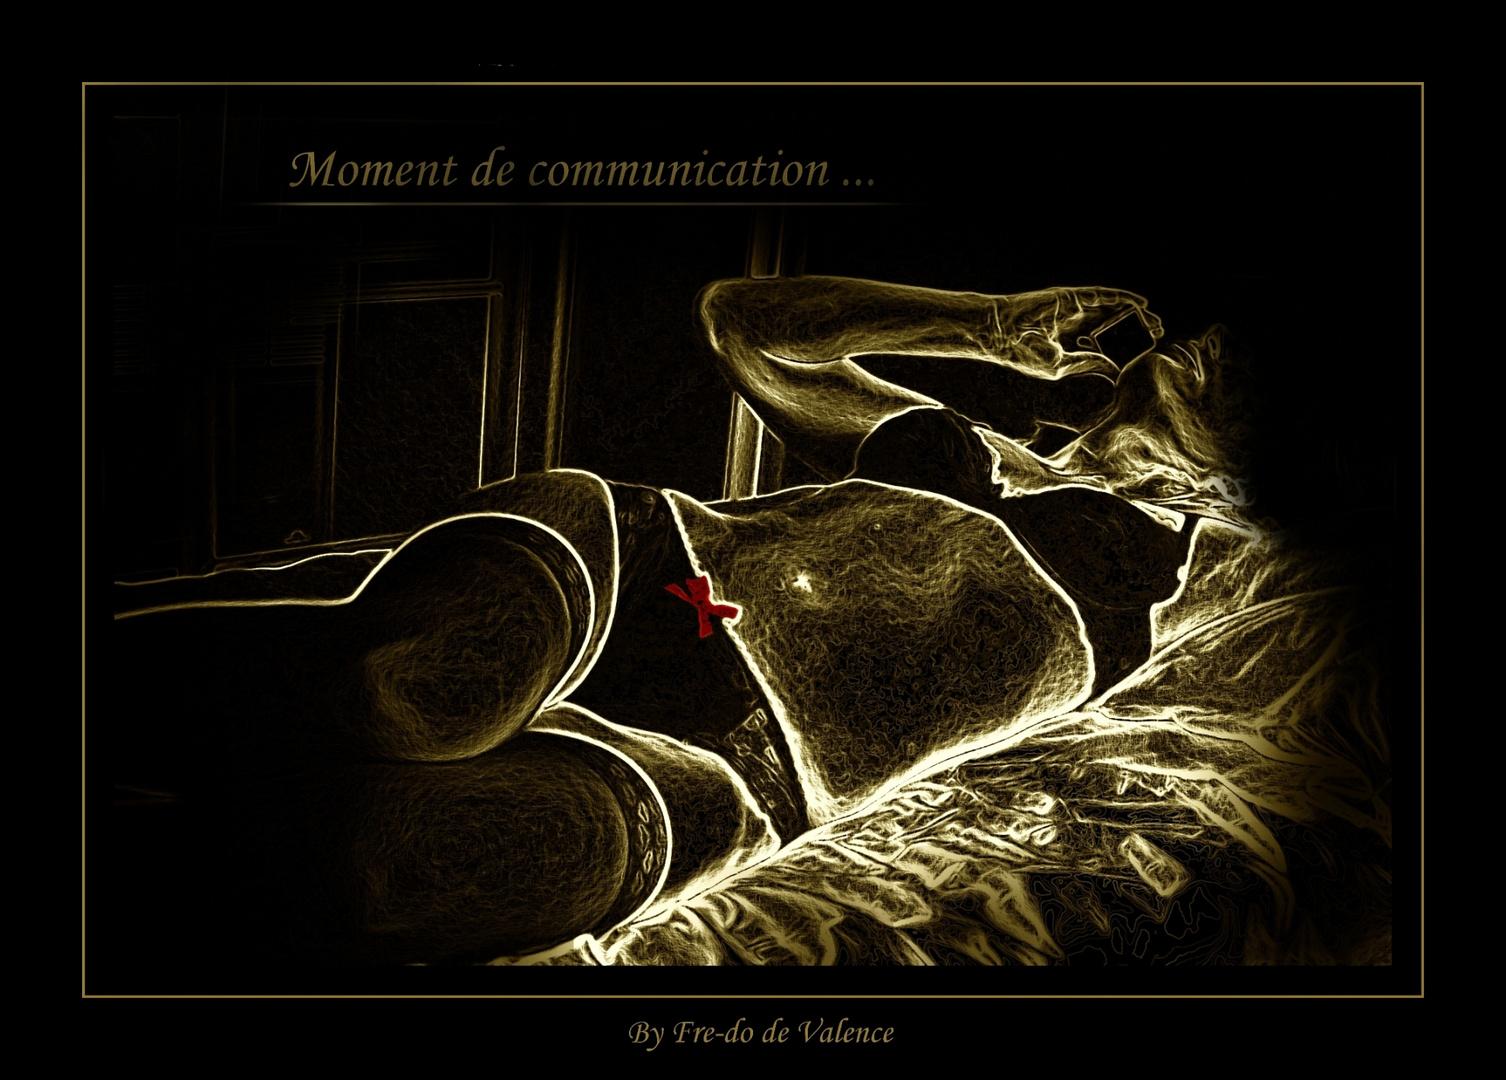 Moment de communication ...